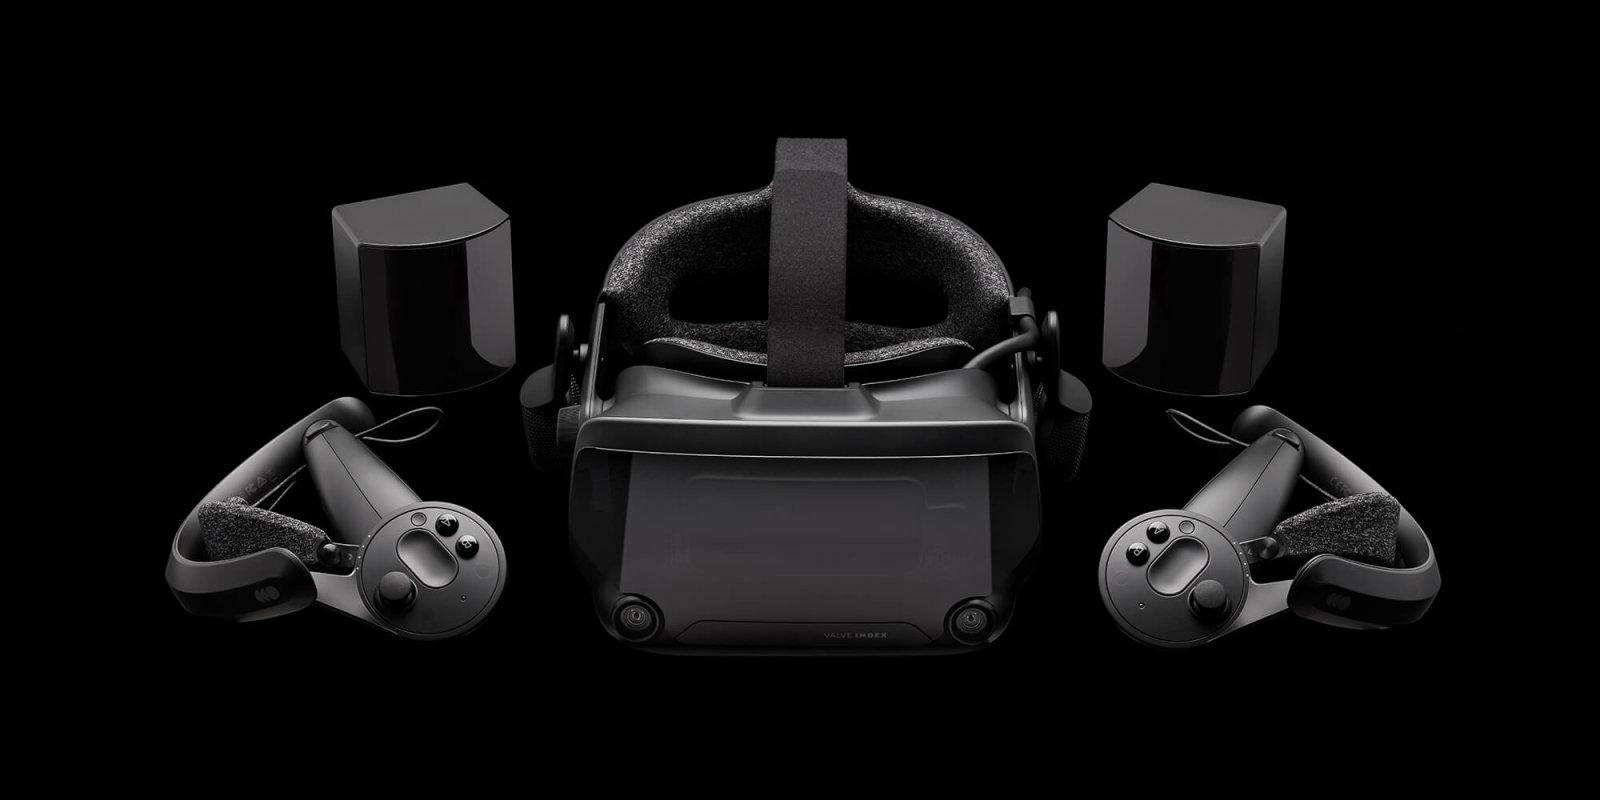 Photo of Valve تعلن عن معدات الواقع الإفتراضي Index VR التي تتوفر للحجز المسبق غداً بسعر 999 دولار